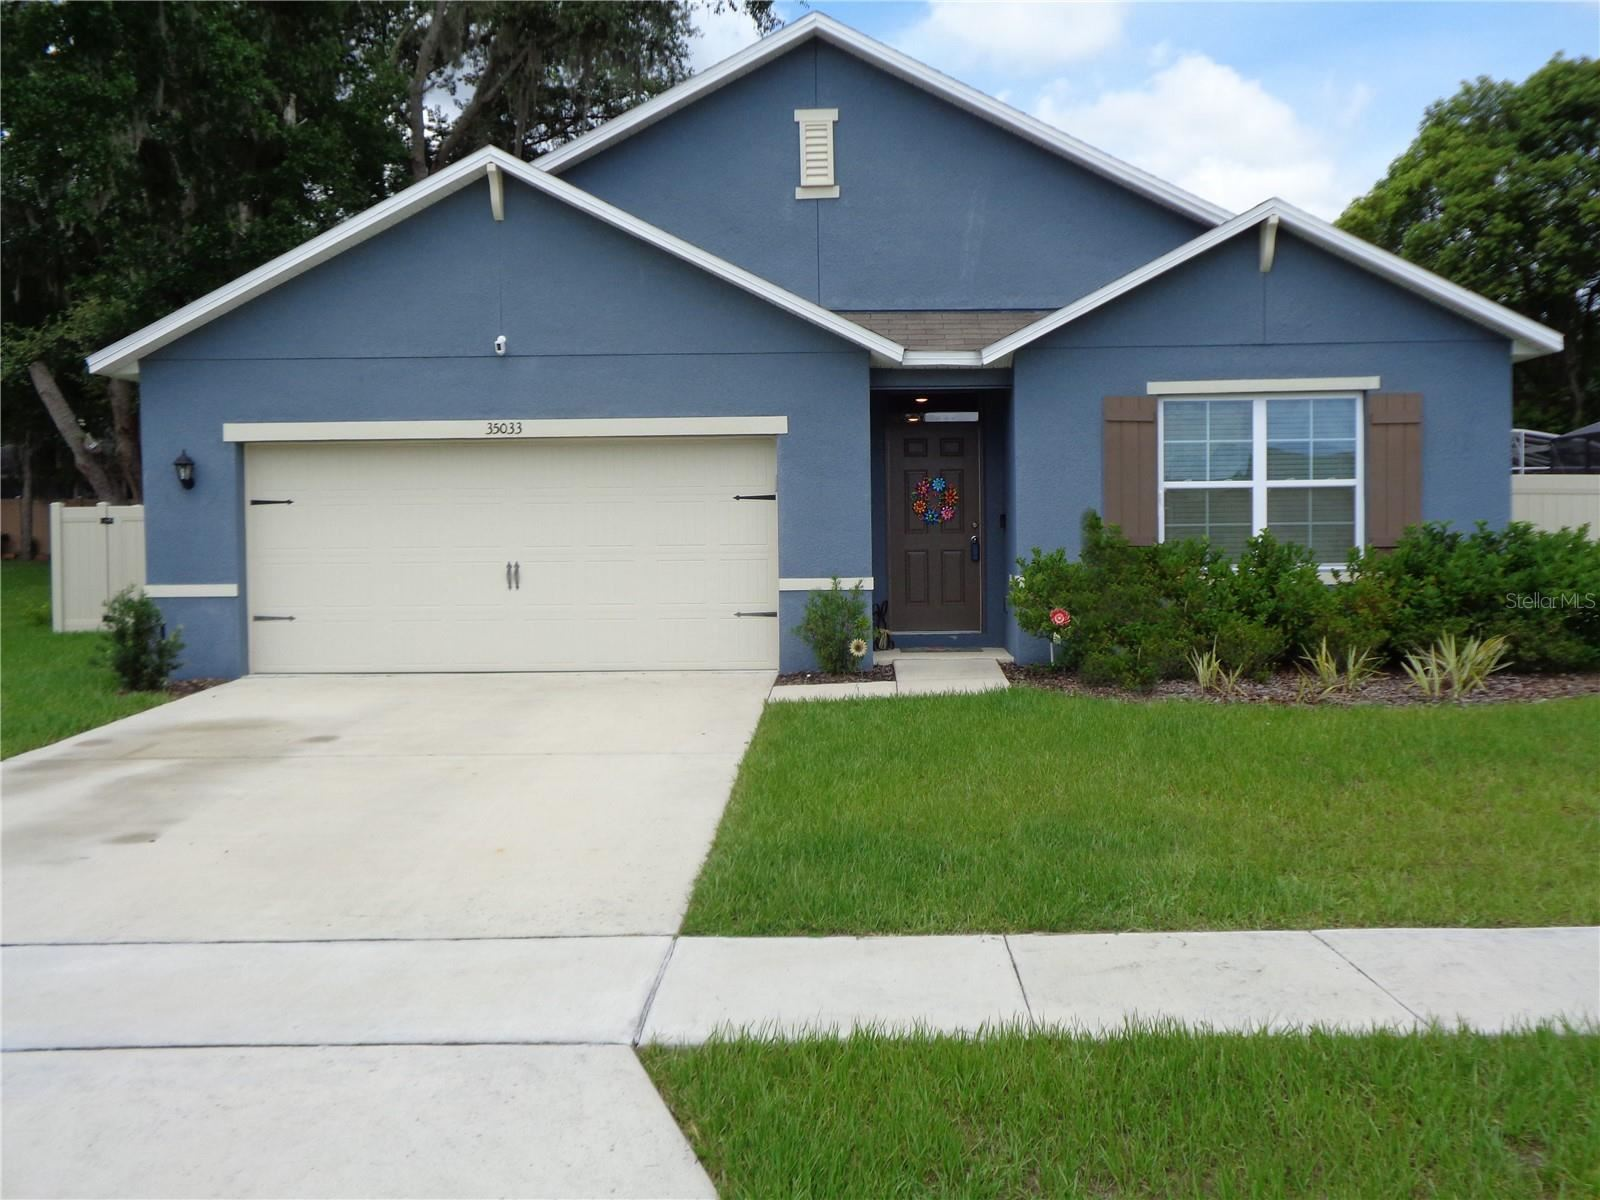 35033 SWEET LEAF LANE, Leesburg, FL 34788 - #: O5953467